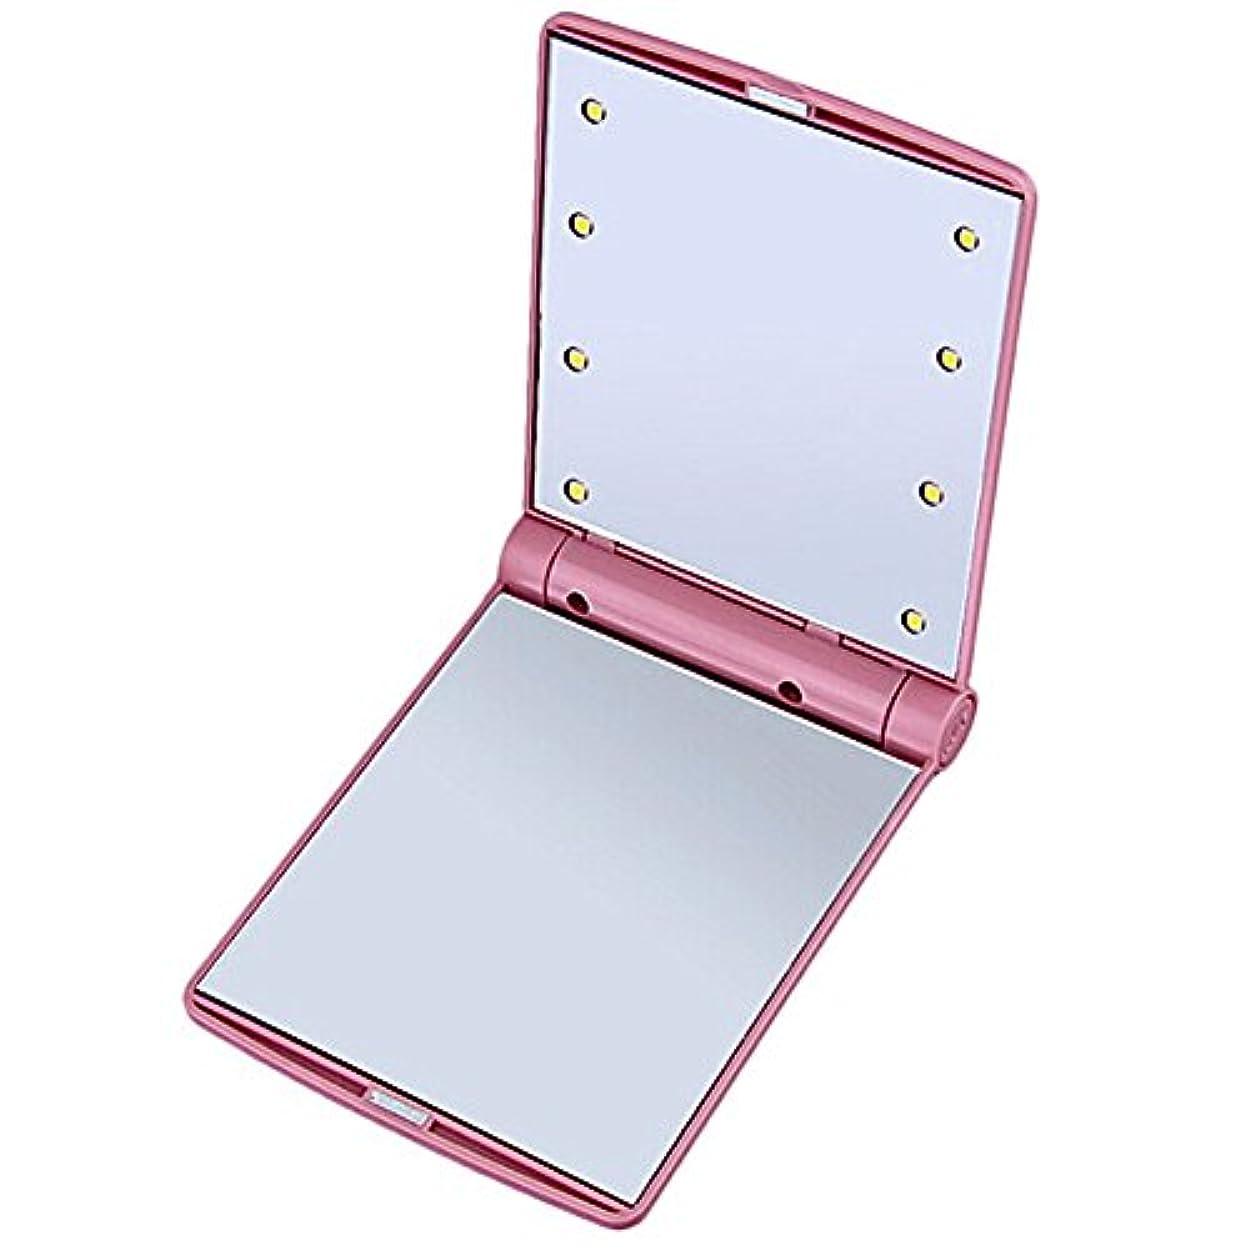 漫画期待コロニーQIAONAI 鏡 化粧鏡  LEDライト付き  コンパクトミラー 化粧鏡  LEDミラー  女優ミラー  折りたたみ式 二面鏡  スタンドミラー   コンパクト  LEDライト8個 女性